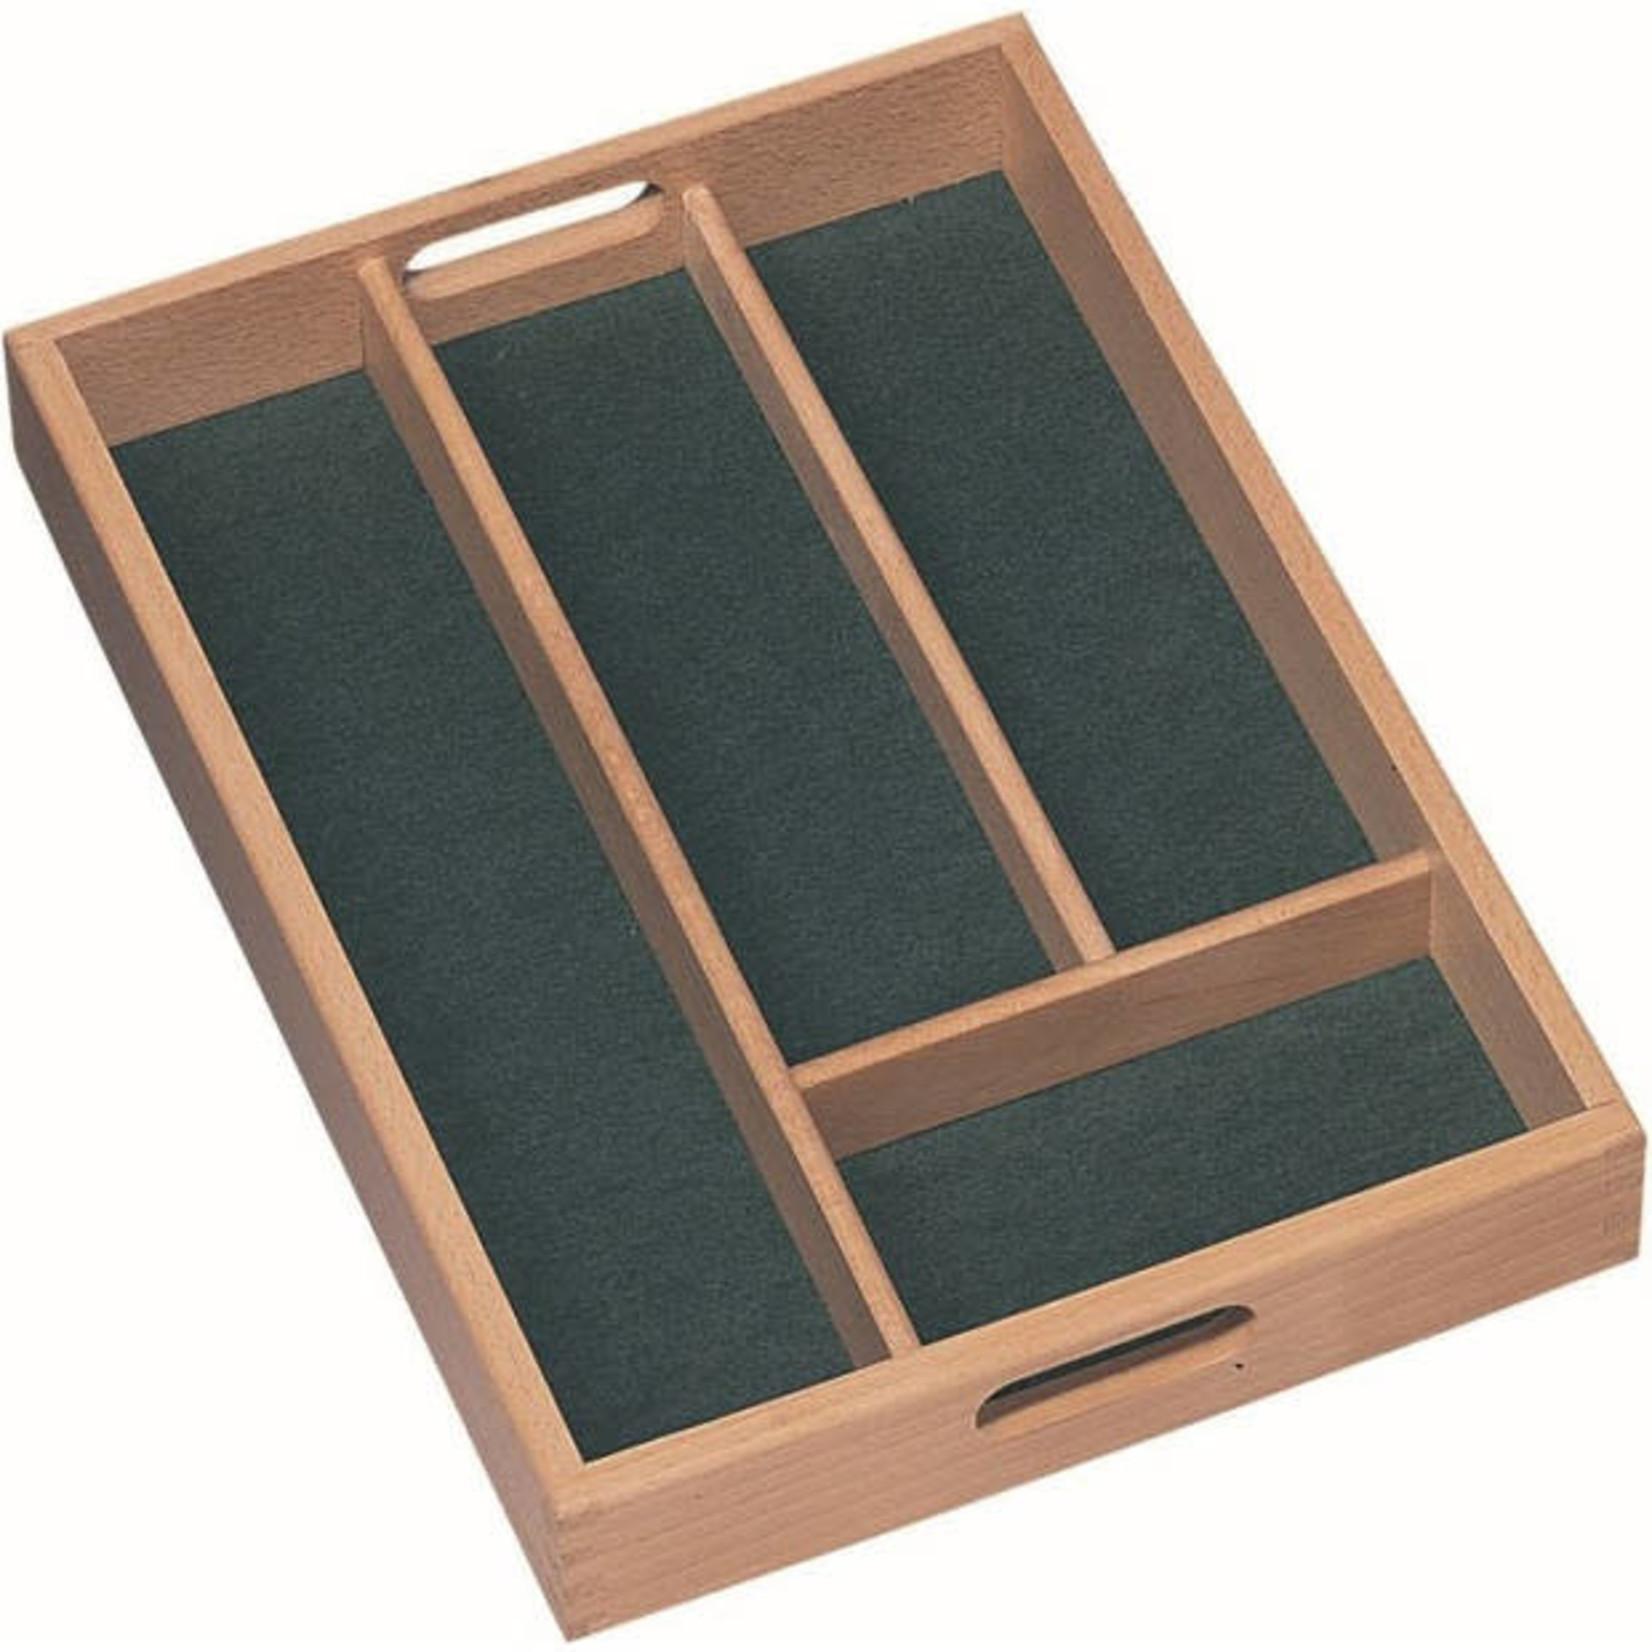 Bestekbak, hout 24x34cm 4-vaks